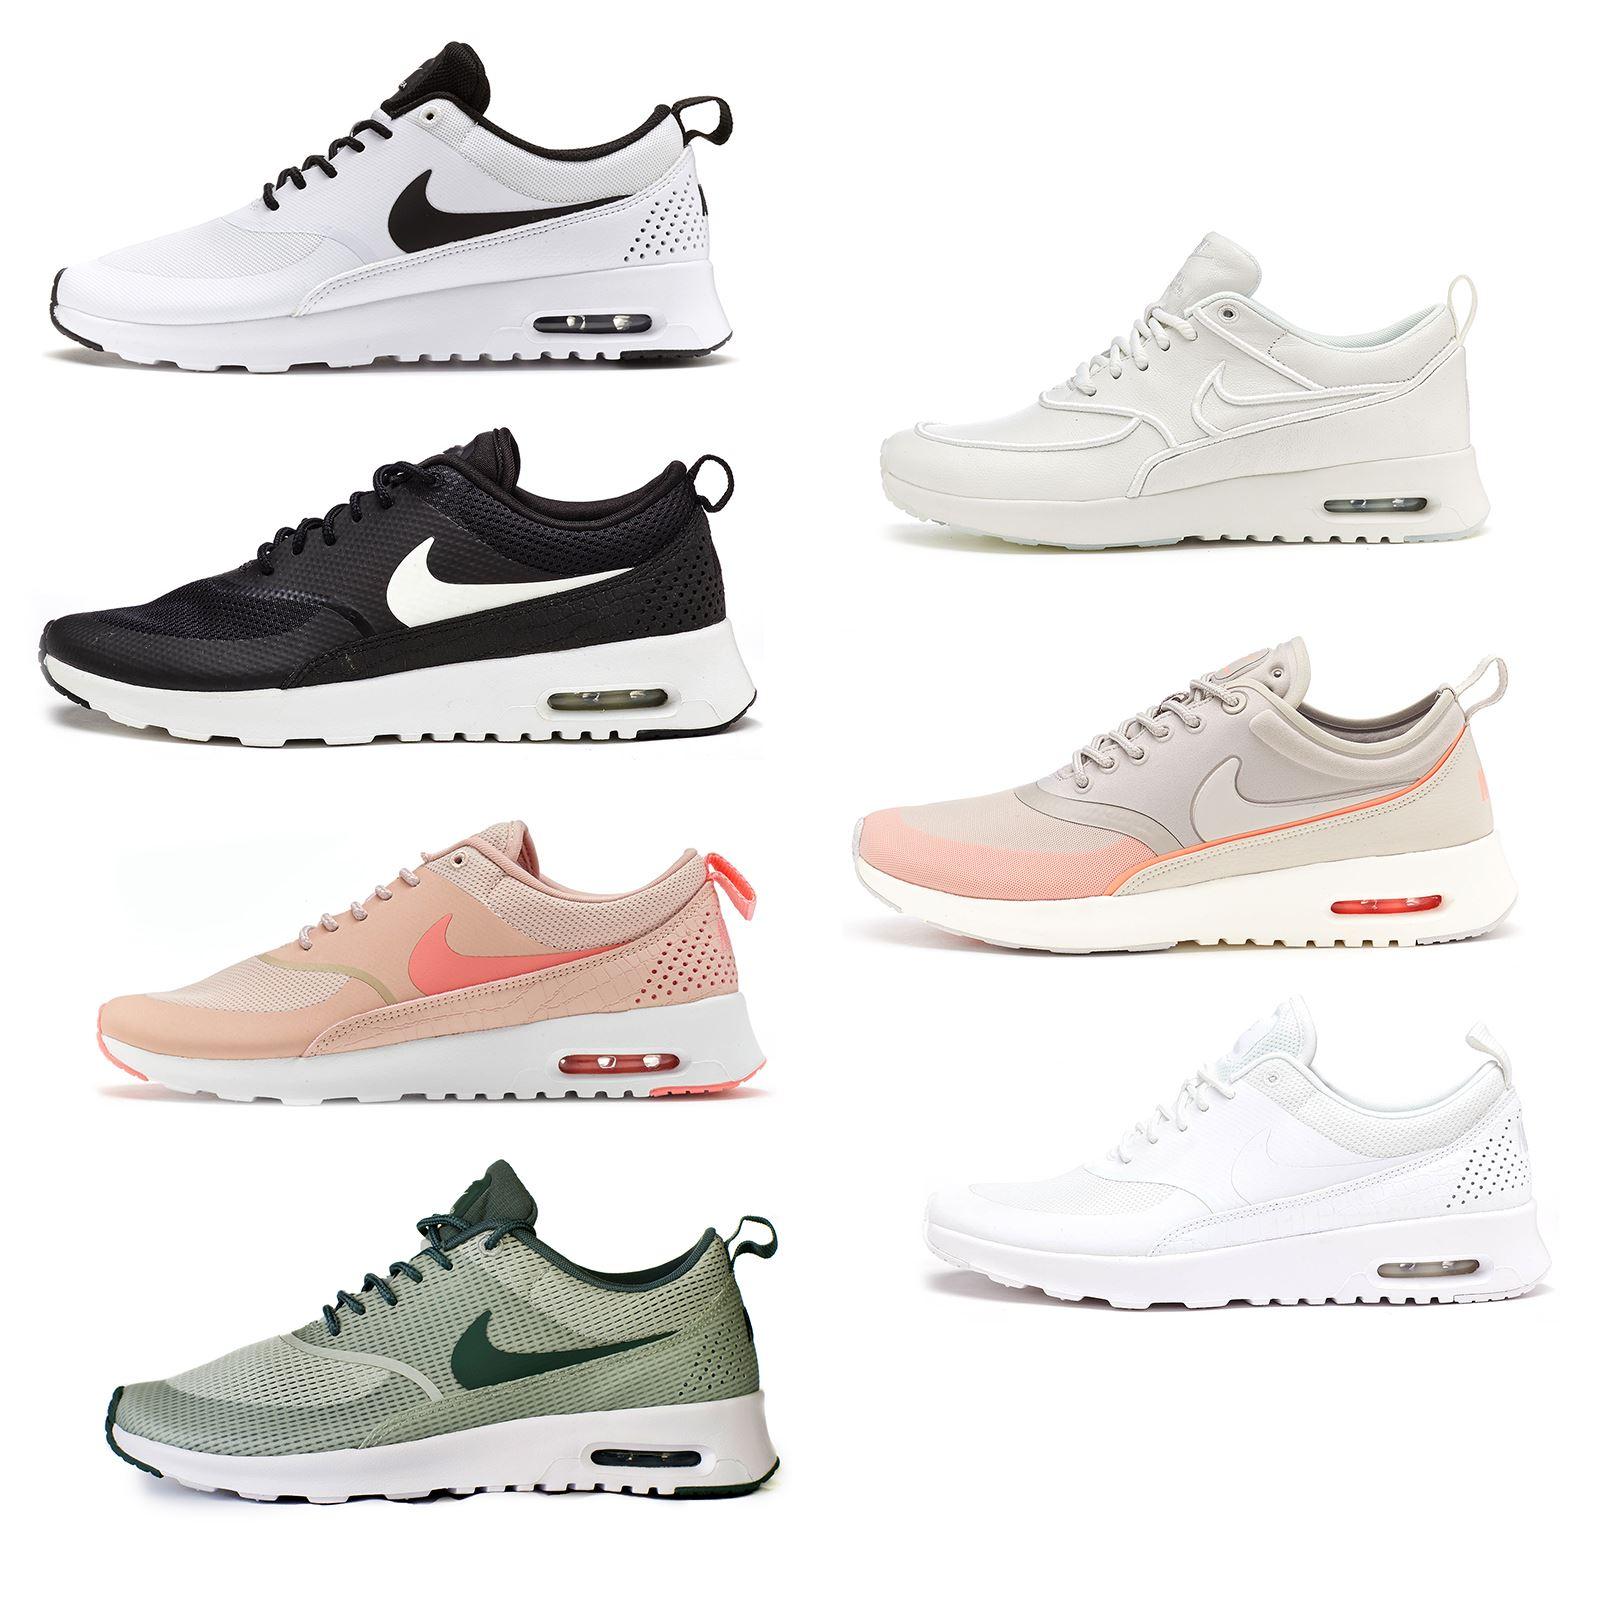 257f6873e7a Femme Nike Air Max Thea formateurs en cours d exécution dans toutes les  tailles